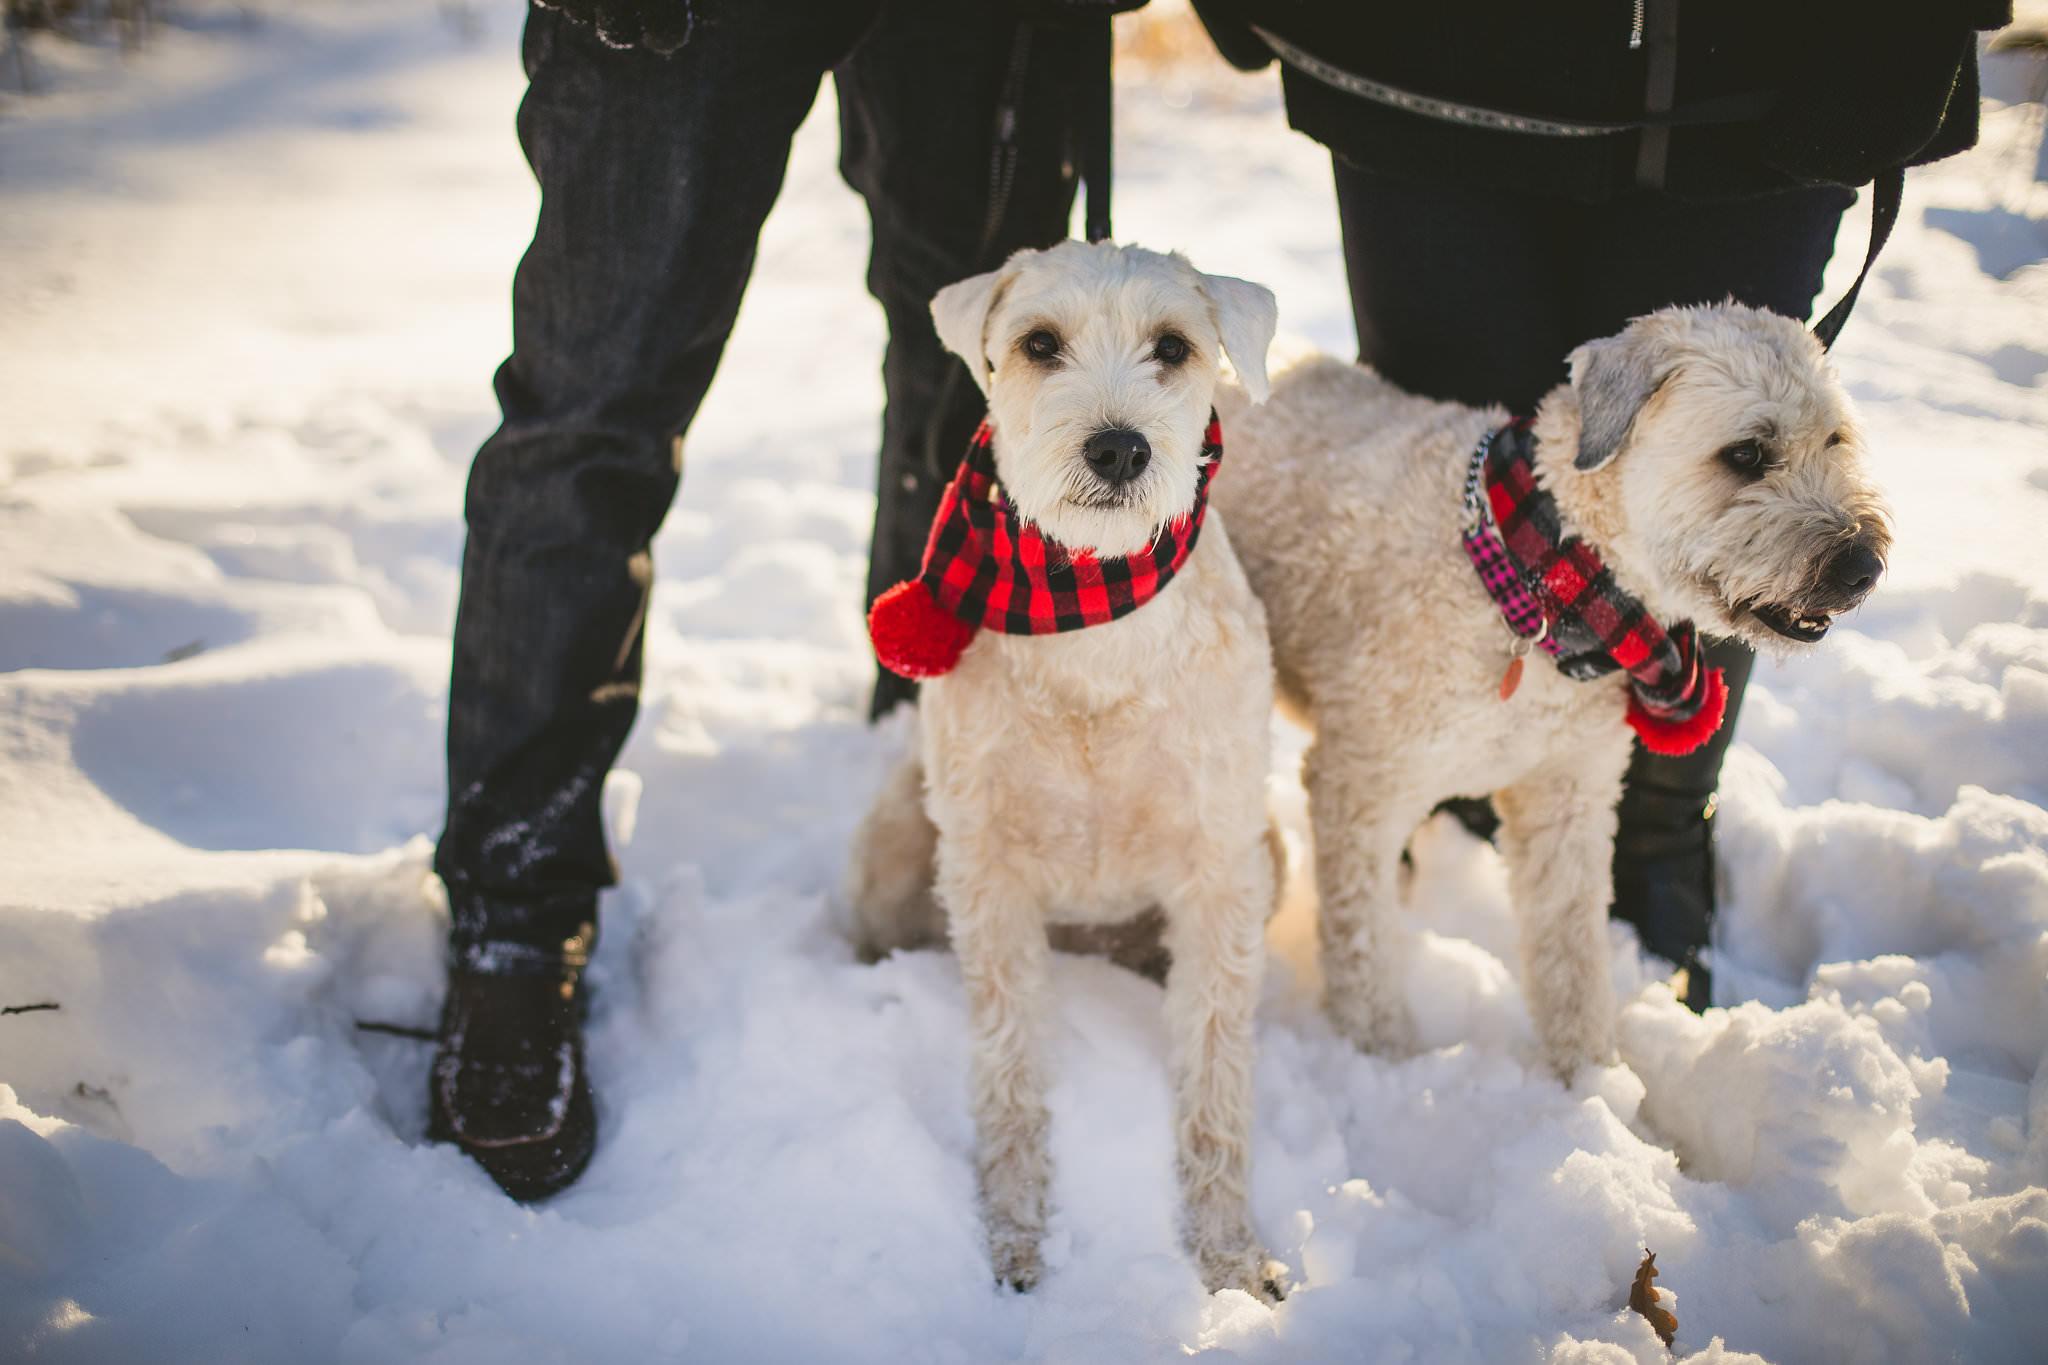 unionville winter engagement photos, unionville engagement photos, engagement photos with dogs, engagement photo ideas with dogs